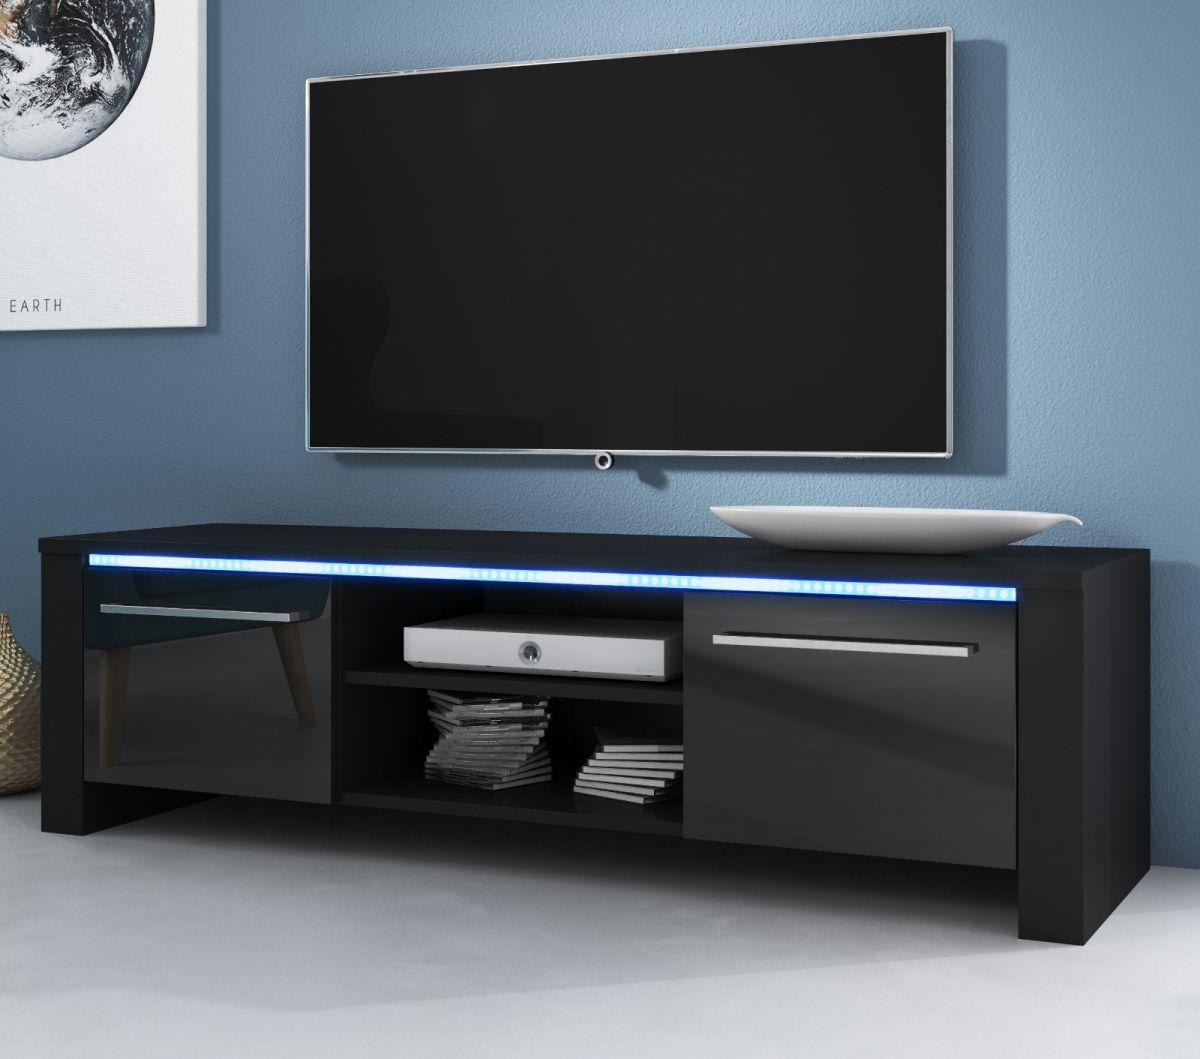 TV-Lowboard Harlem Hochglanz schwarz mit Beleuchtung 140 cm